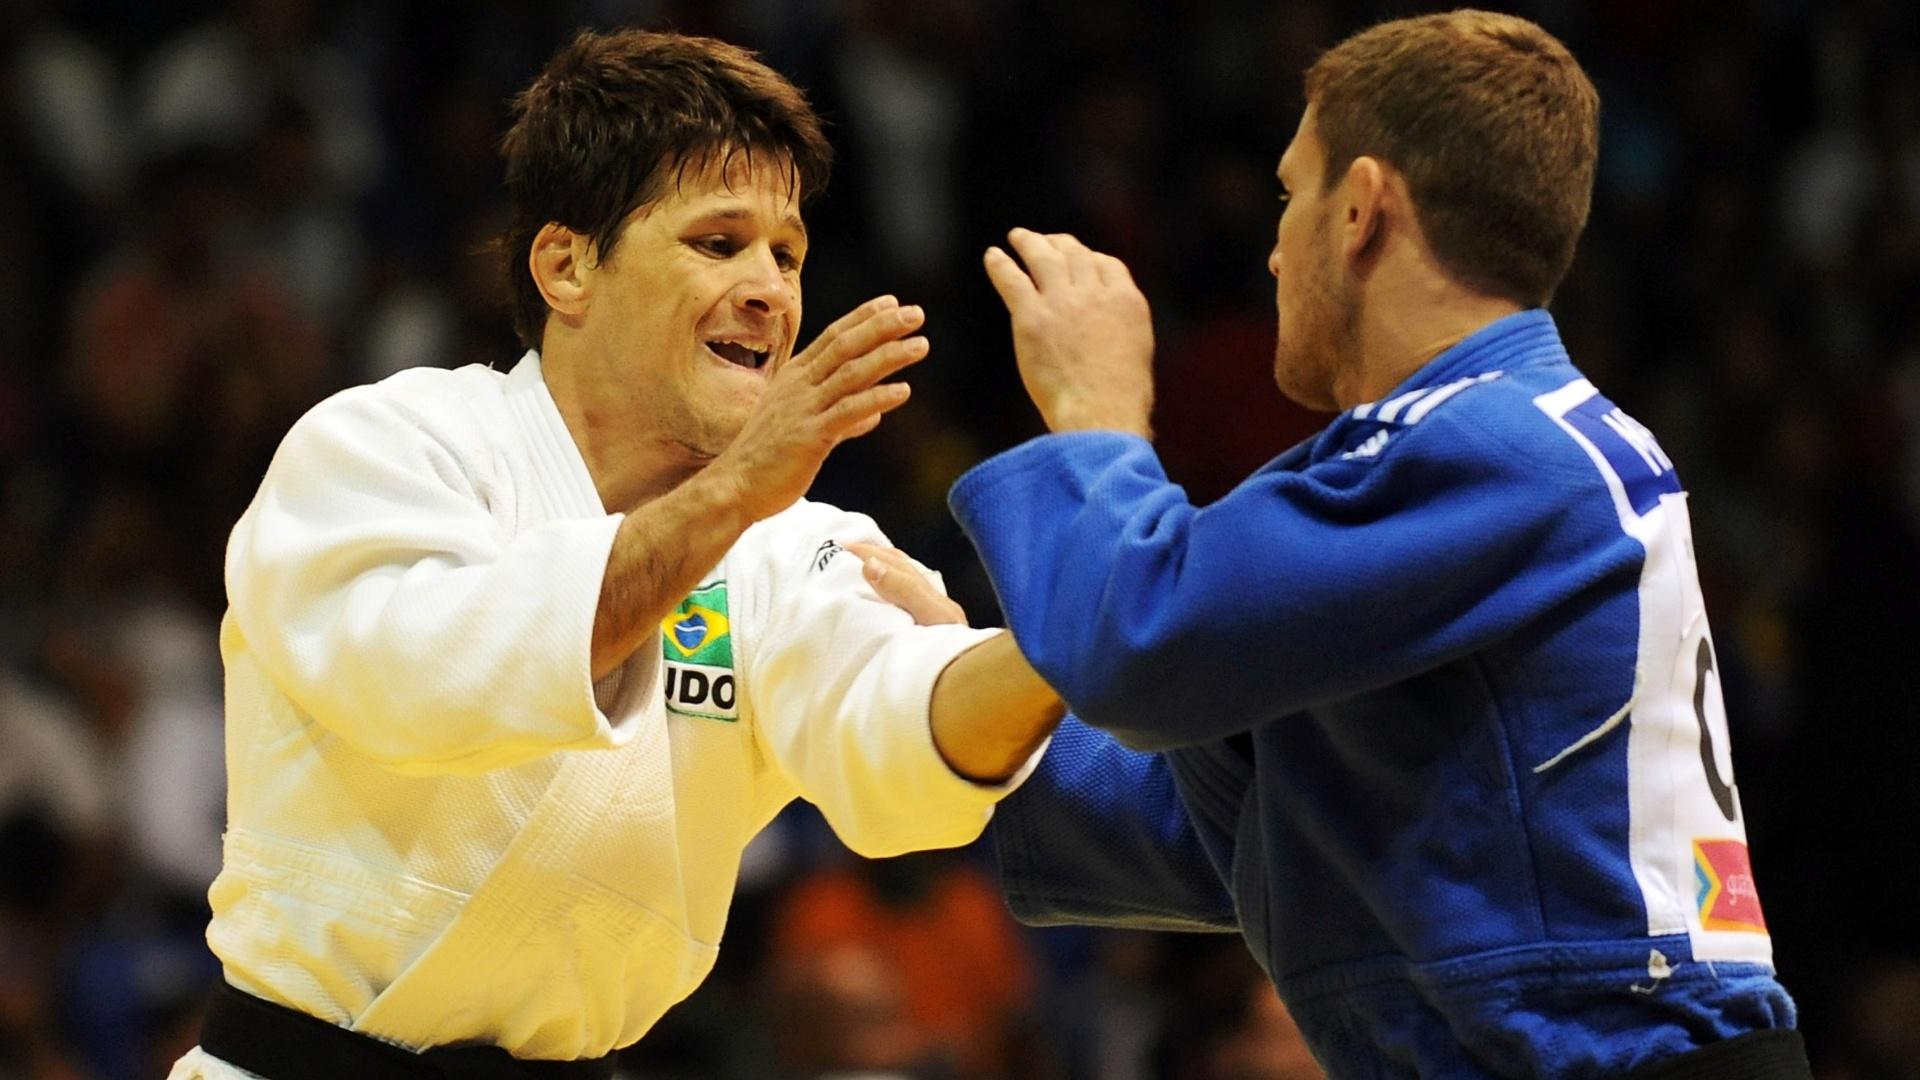 Brasileiro Leandro Cunha, o Coxinha, vence duelo com o canadense Sasha Mehmedovic e se garante na disputa do ouro na categoria até 66 kg do Pan (28/10/2011)